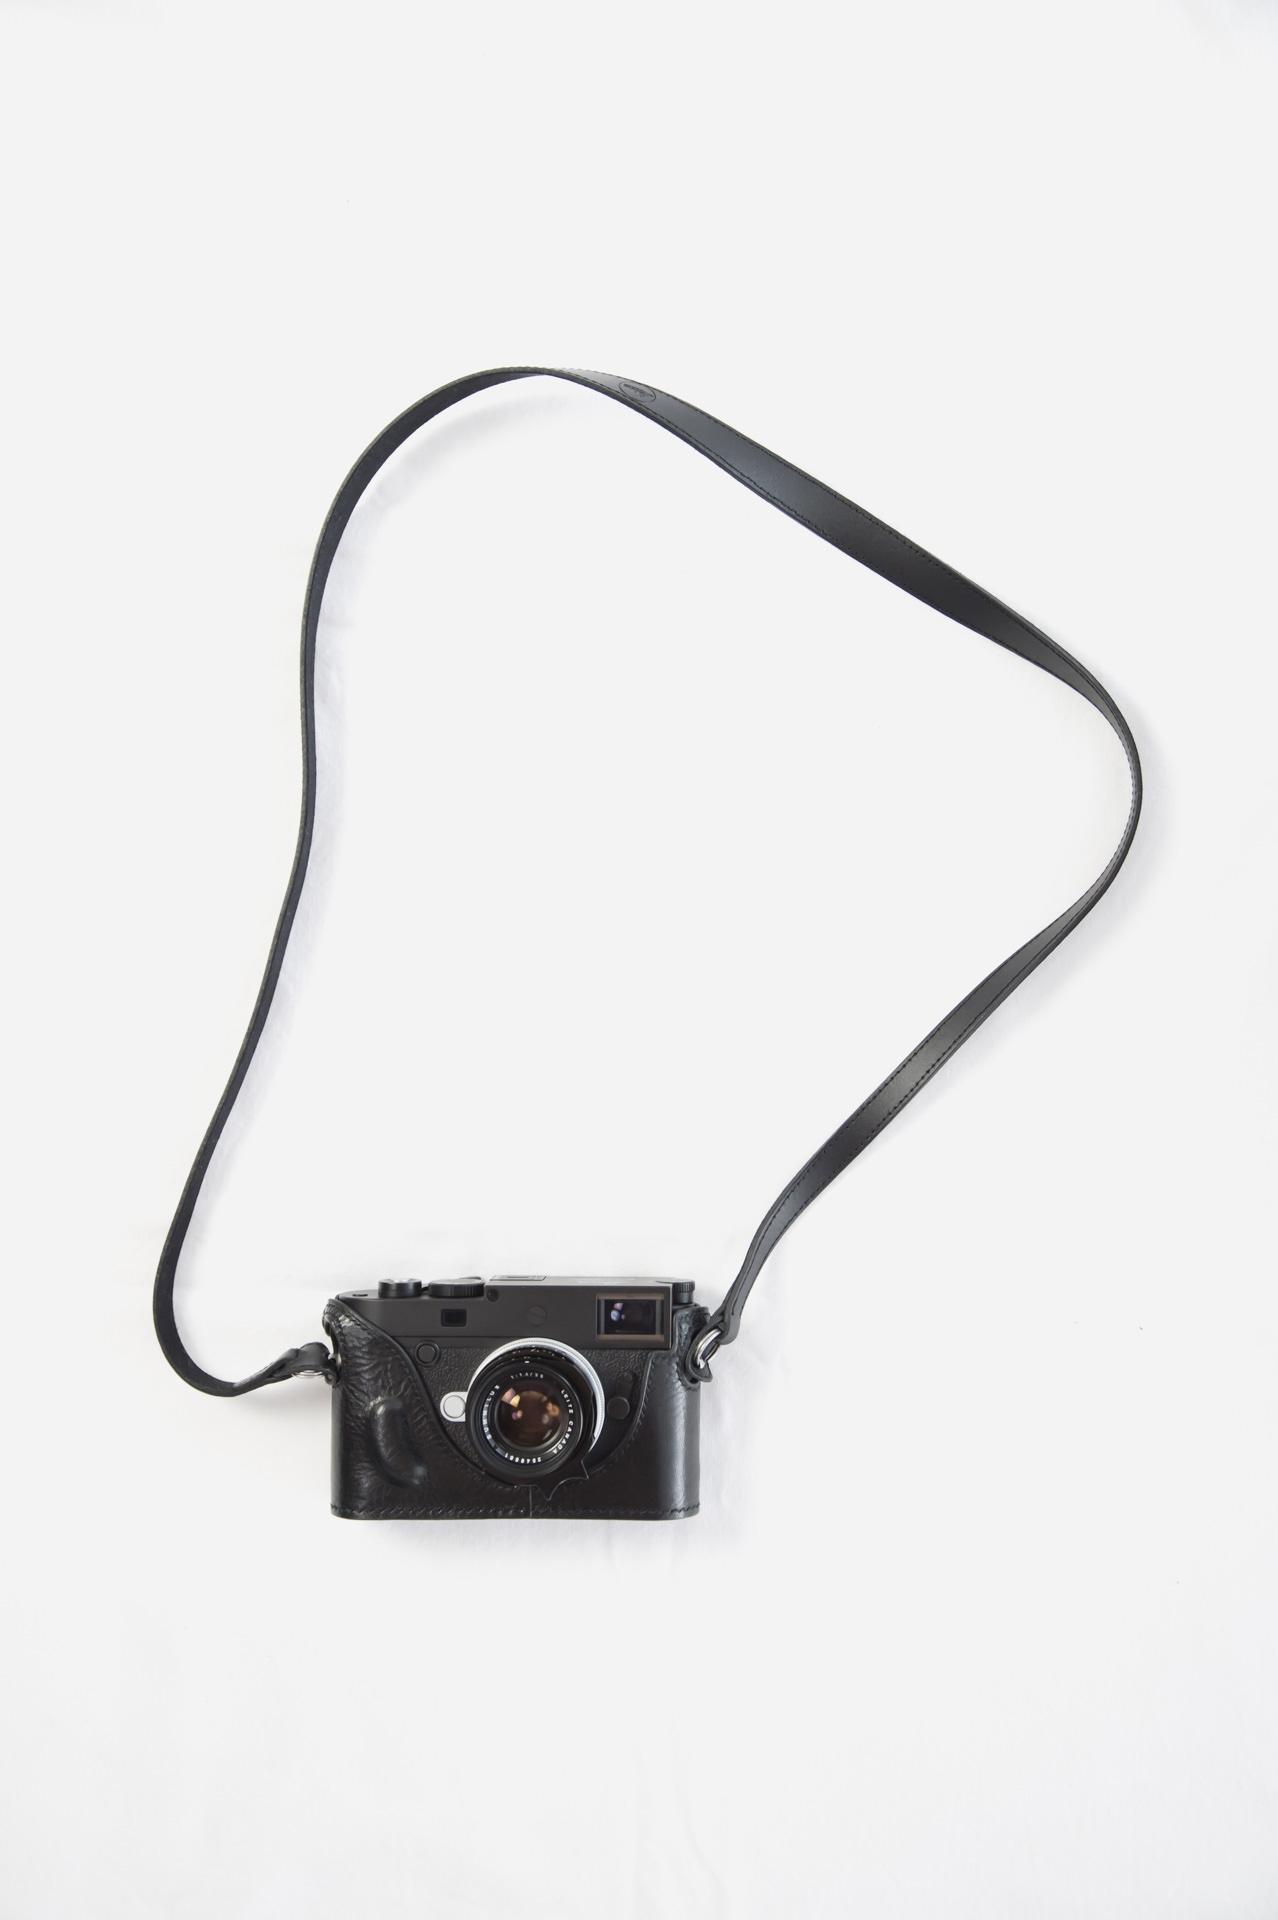 Leica M10-Dレビュー08 <ケースについて>